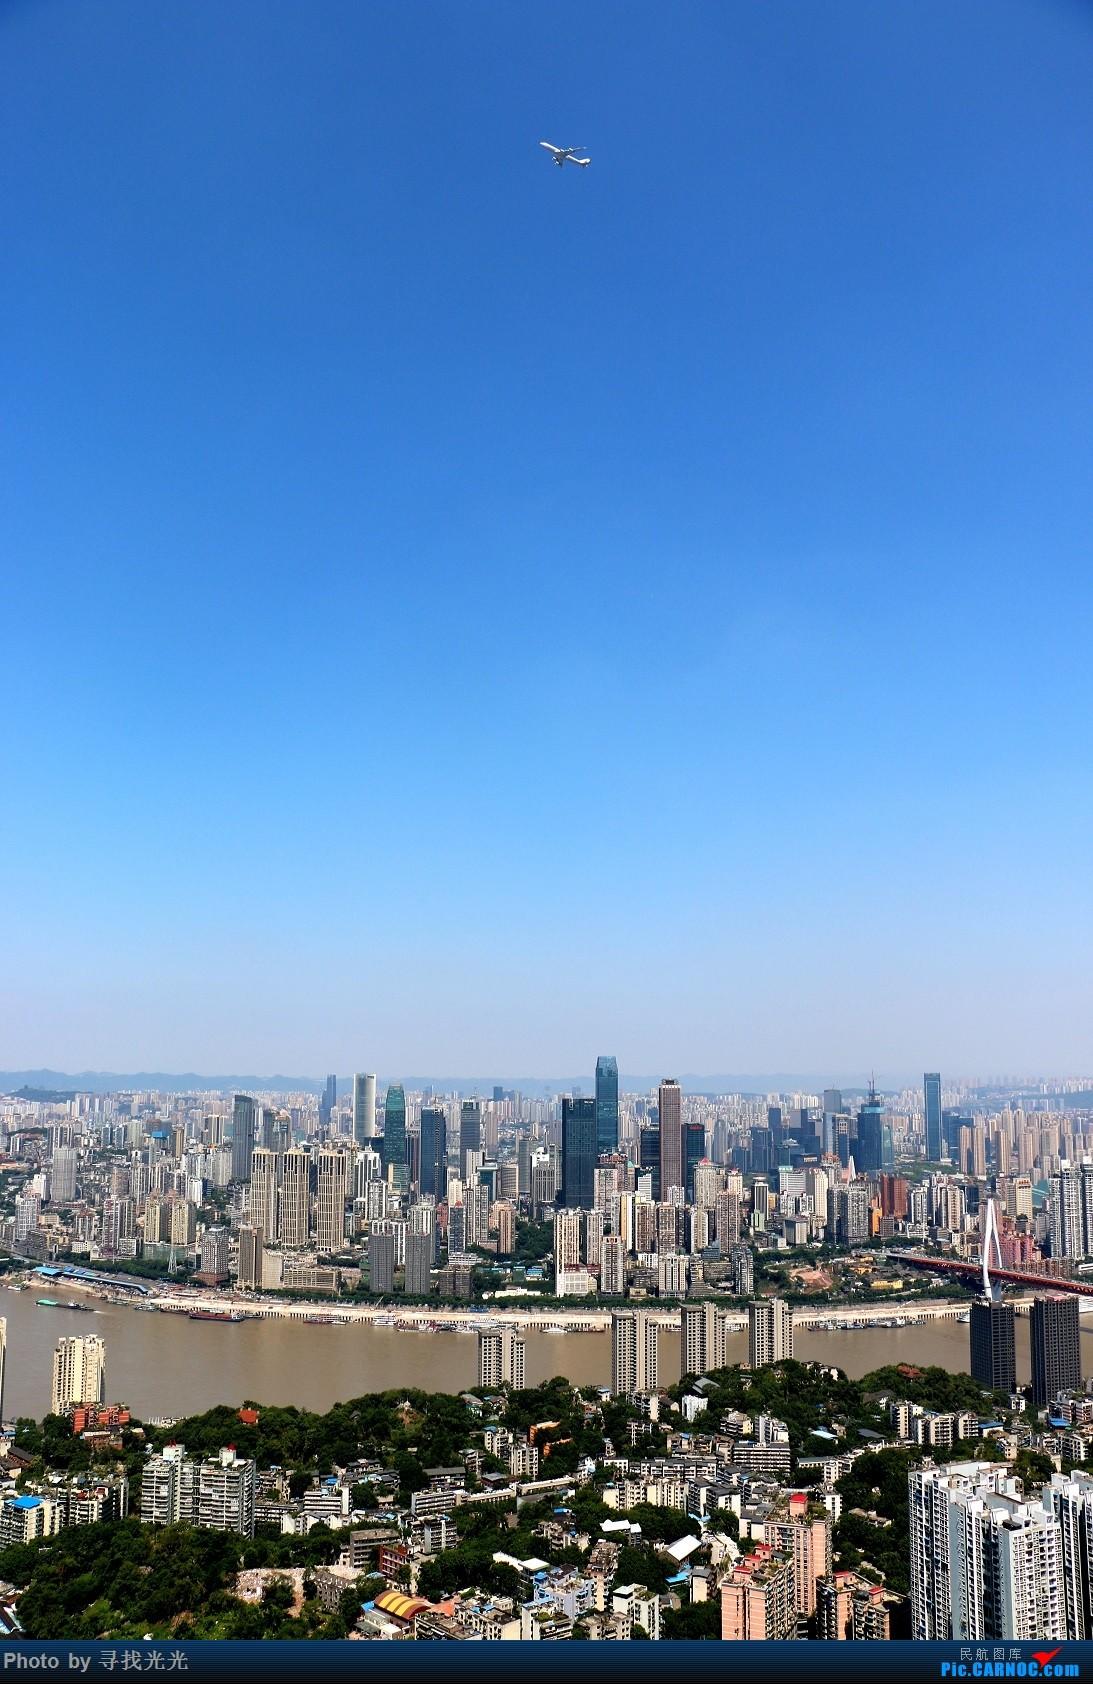 Re:[原创]飞机与山城重庆的桥 BOEING 747-8I B-2480 重庆南山风景区